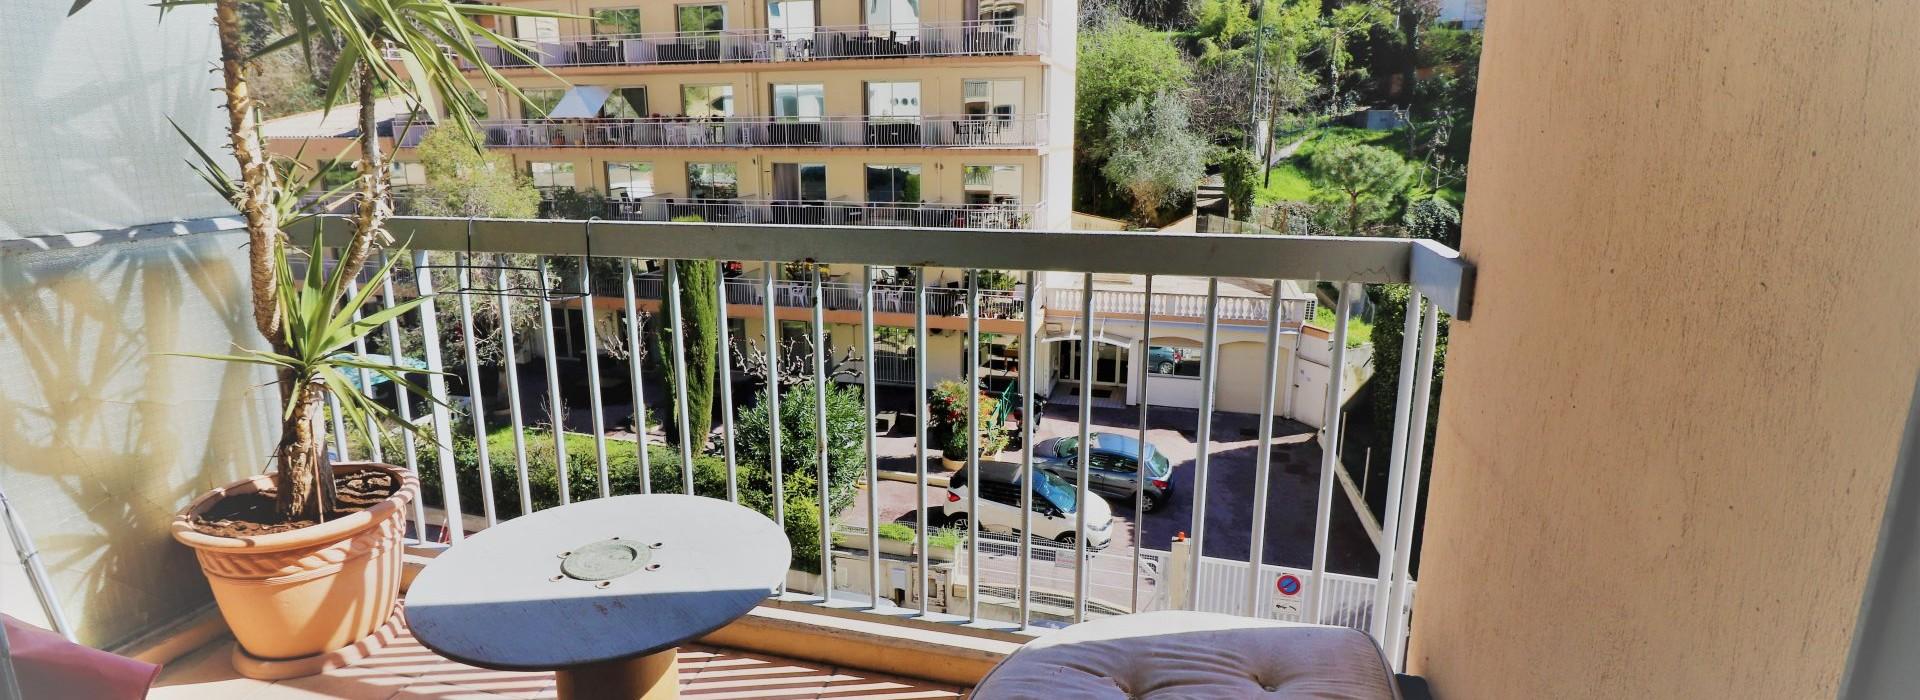 Appartement Nice 3 Pièces 51m2 167,000€